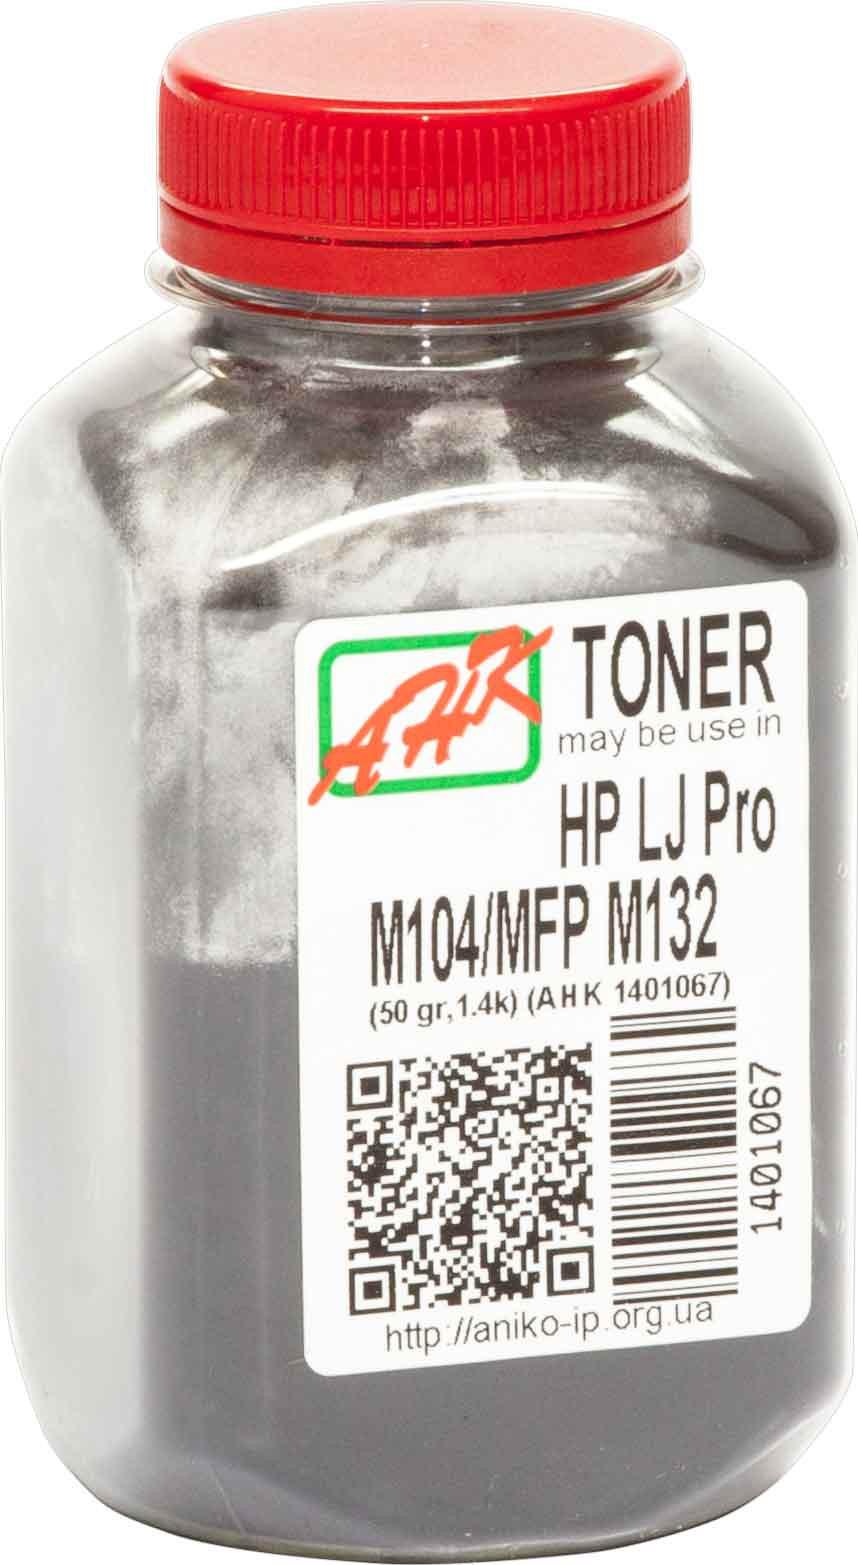 Купить Тонер АНК for HP Pro M102/132 Black бутль 50g, 1401067, AHK